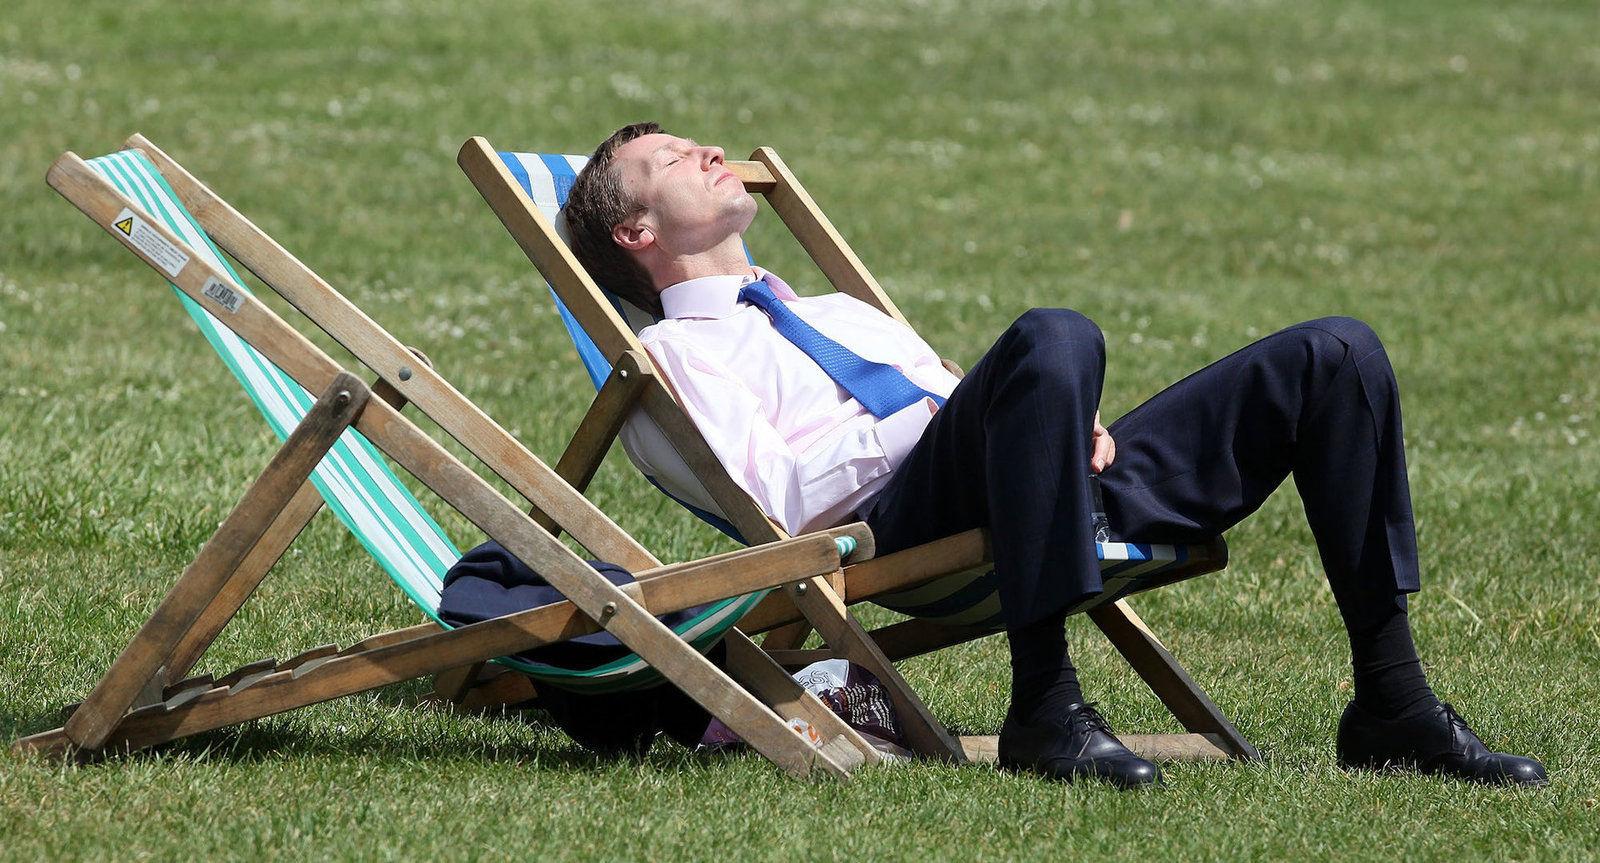 Дөрвөн ажлын өдөртэй долоо хоногт шилжихийг эдийн засагчид зөвлөжээ